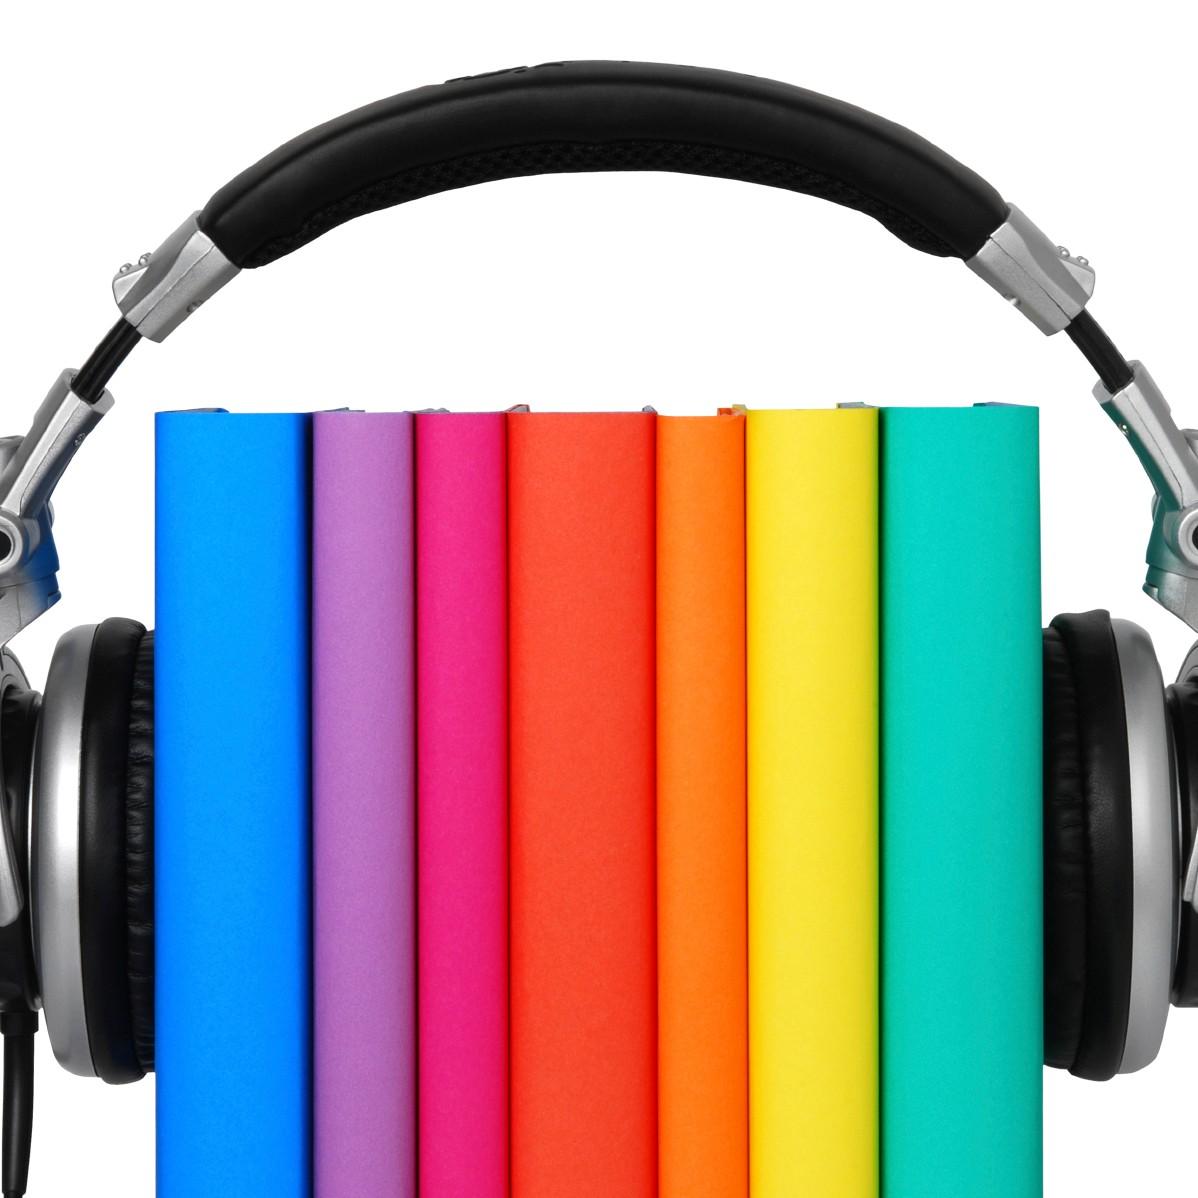 Lkgn9cfqzwe8tzwxhtgg_books-headphones